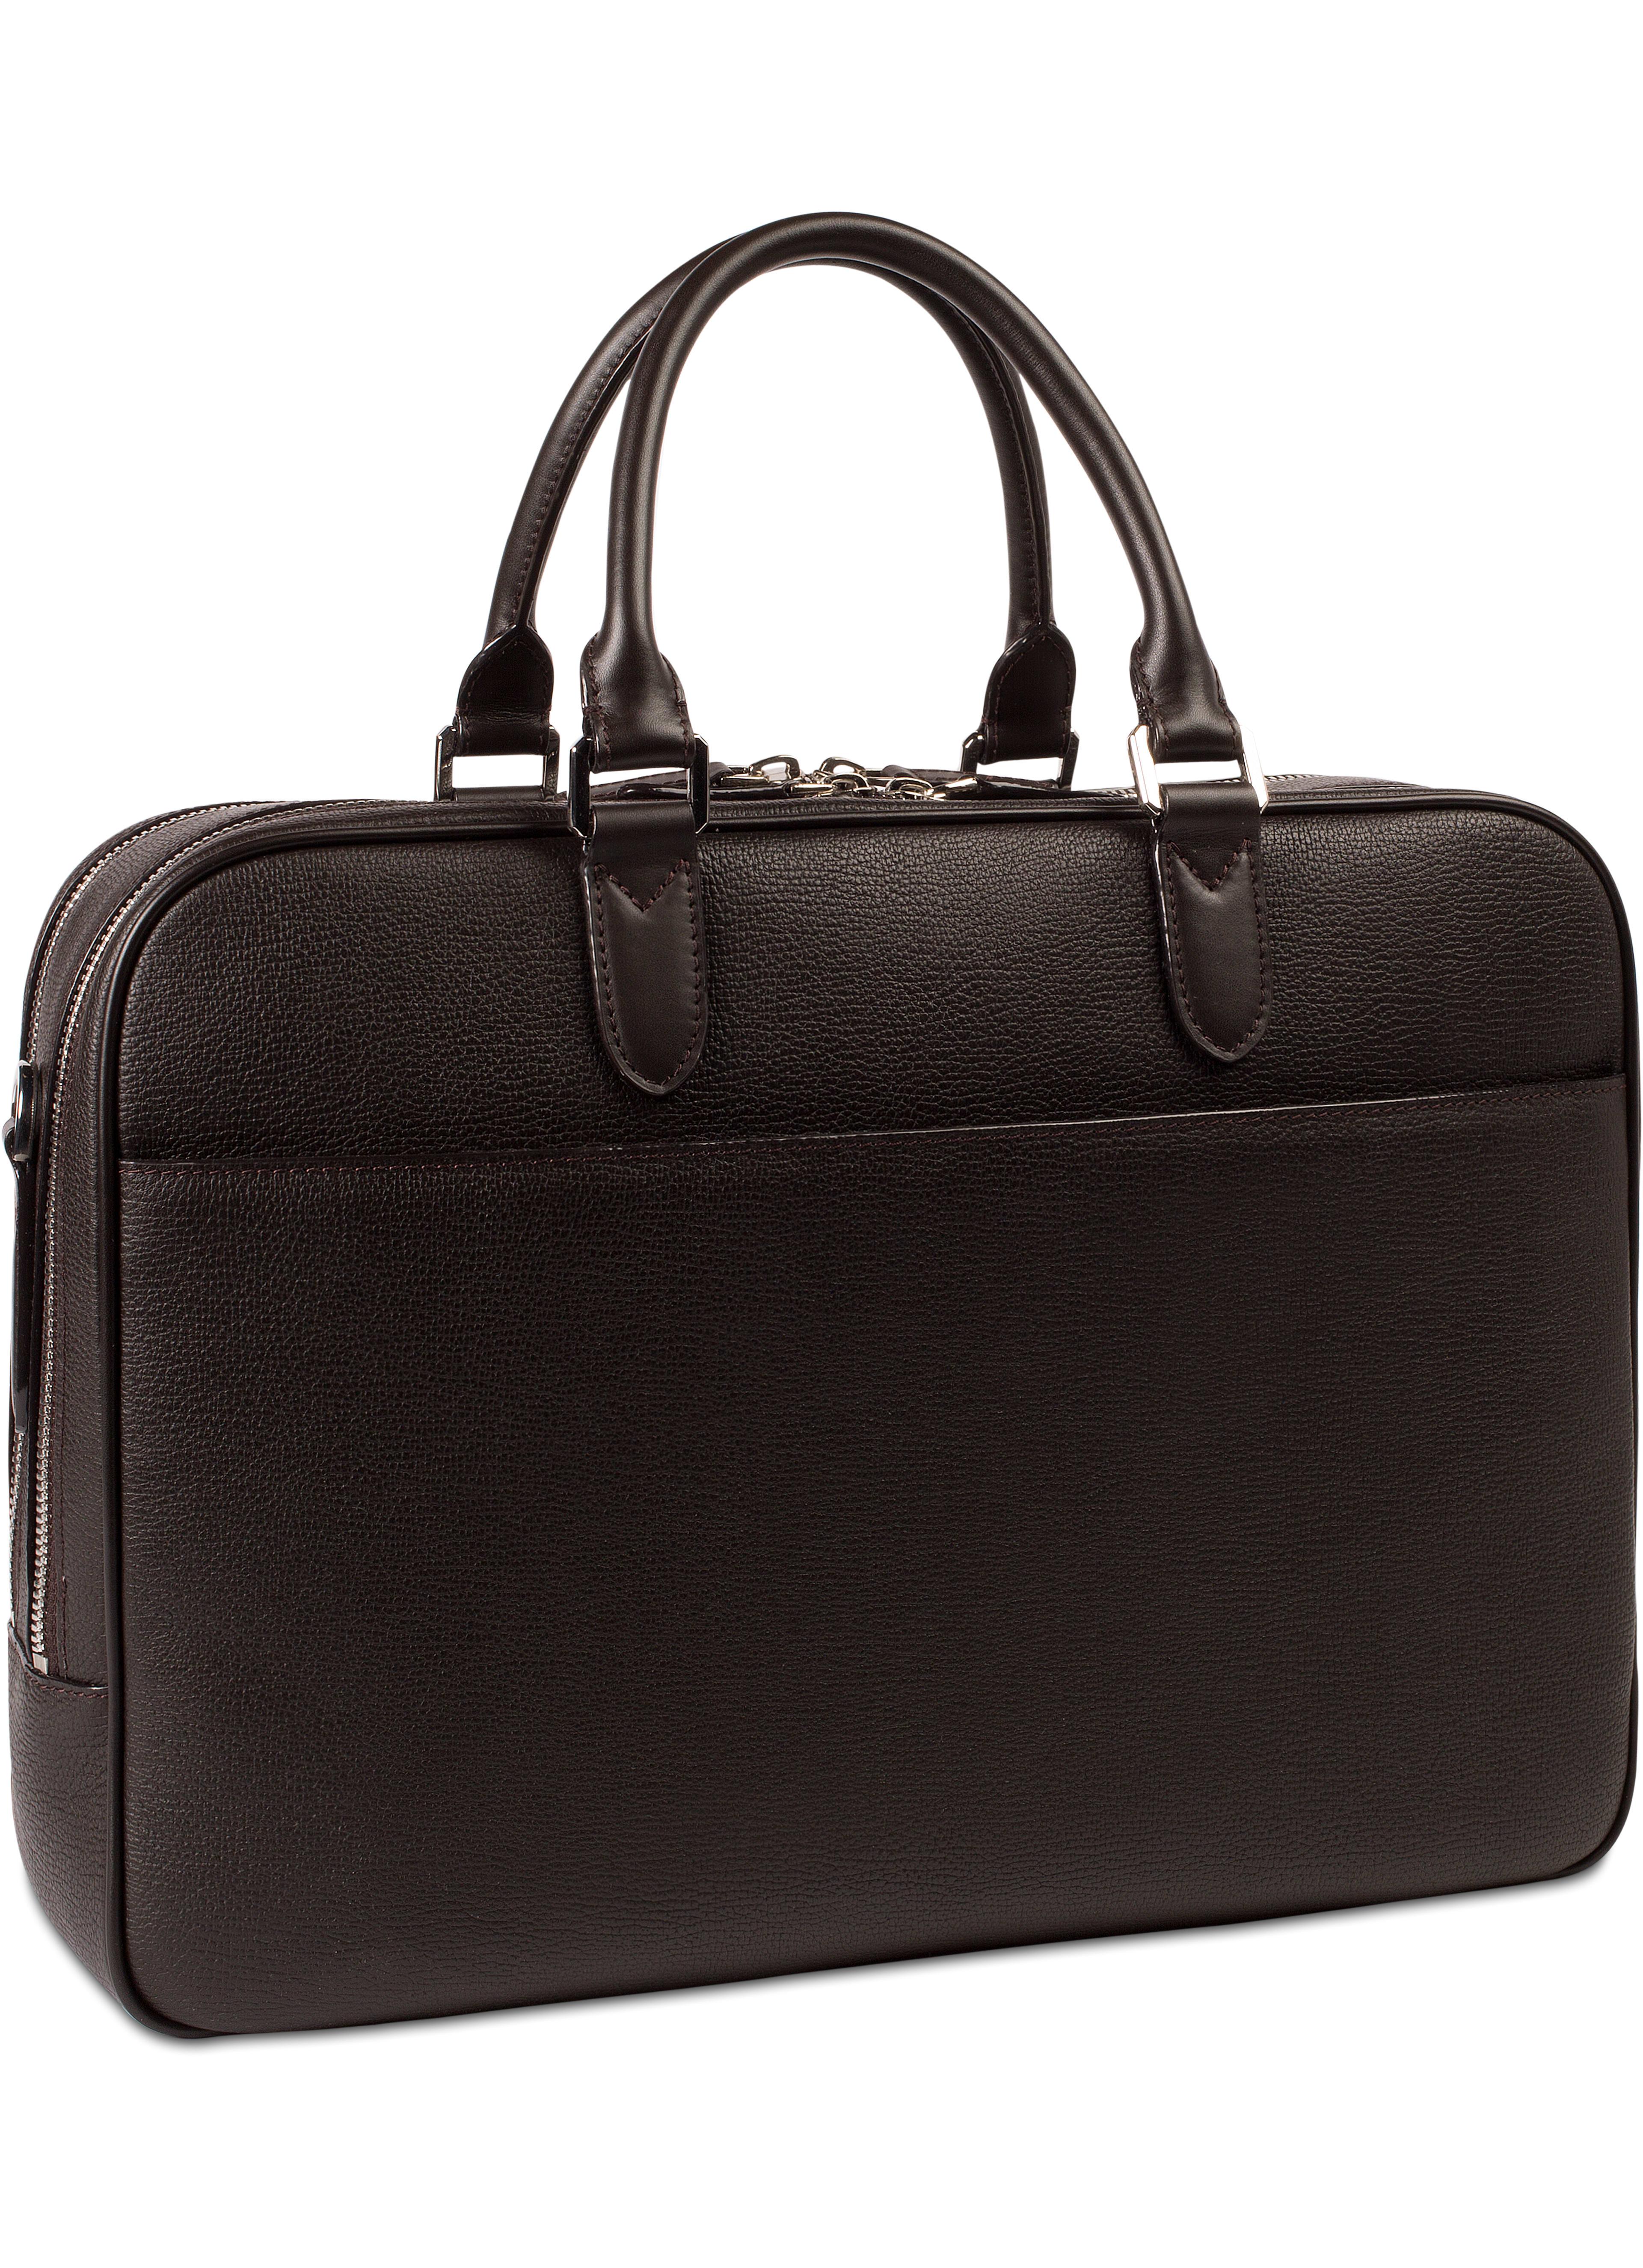 Dark Brown Briefcase Bag18103 Suitsupply Online Store